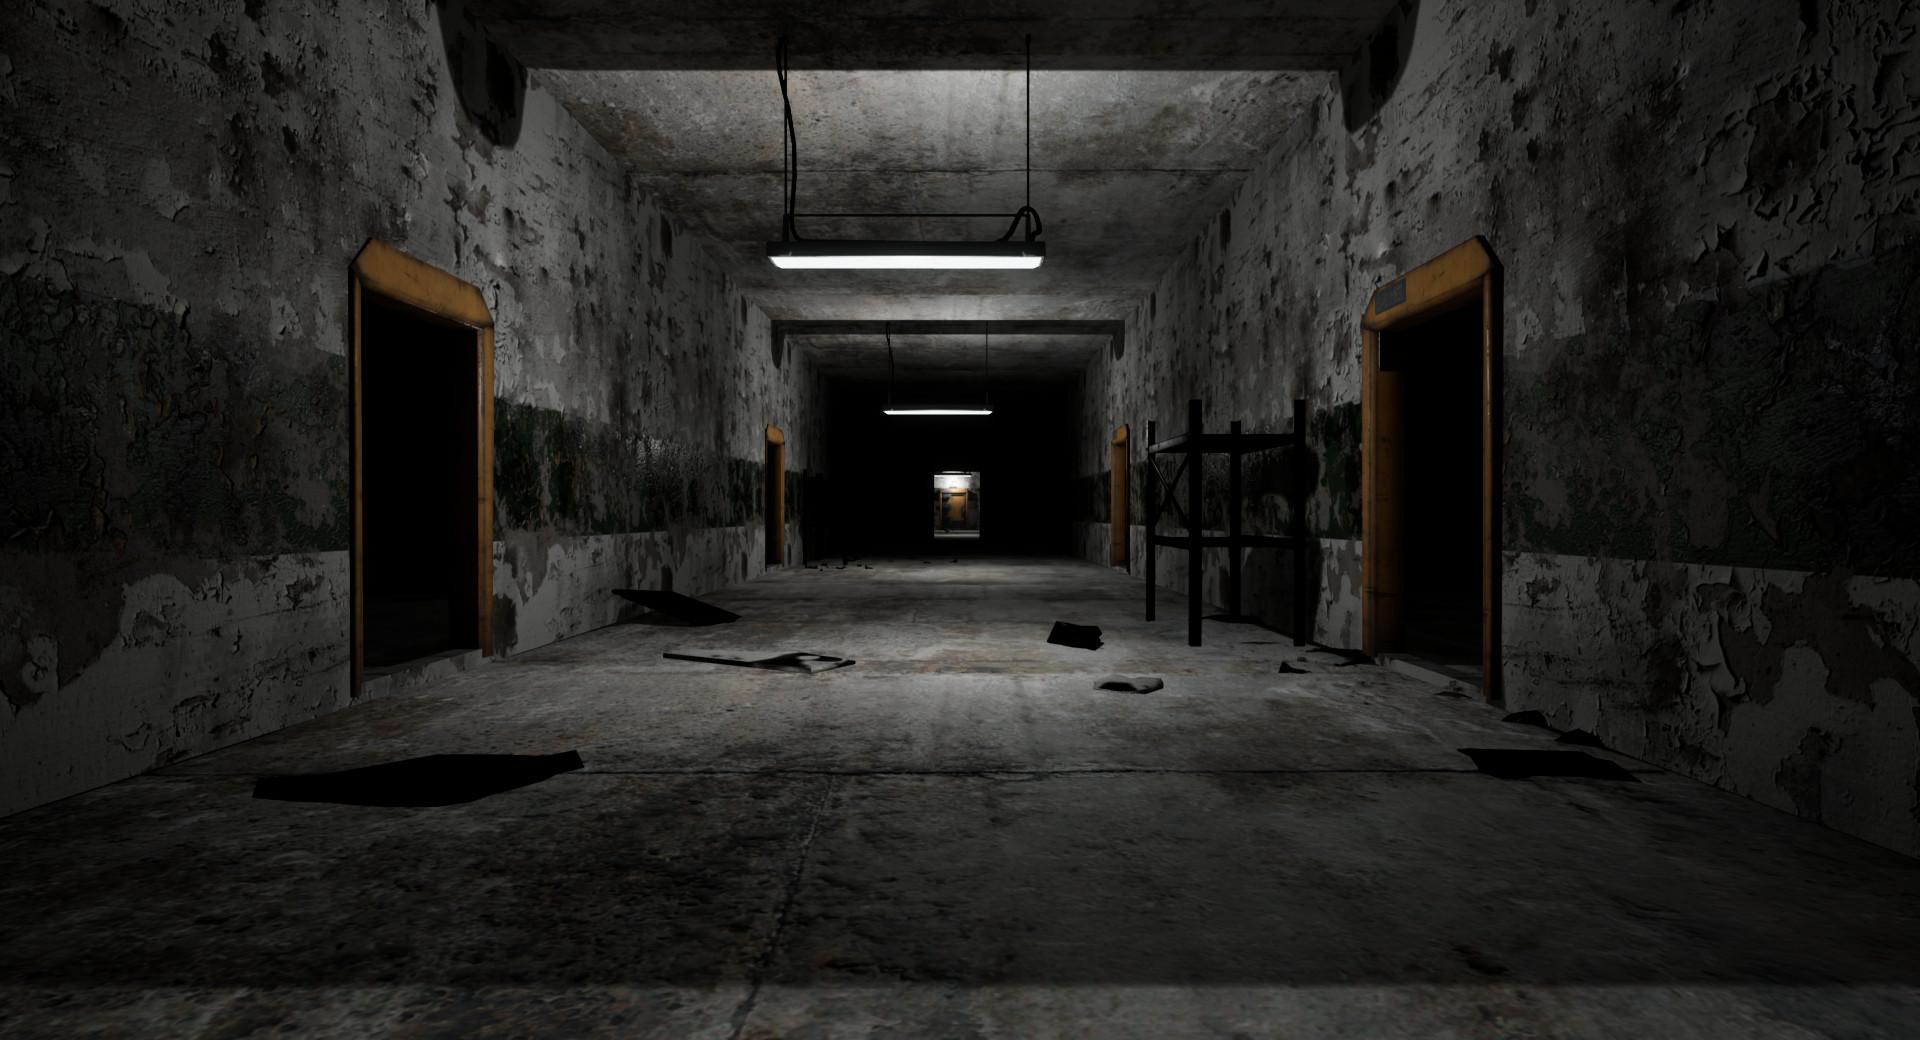 R.O.V.E.R. screenshot